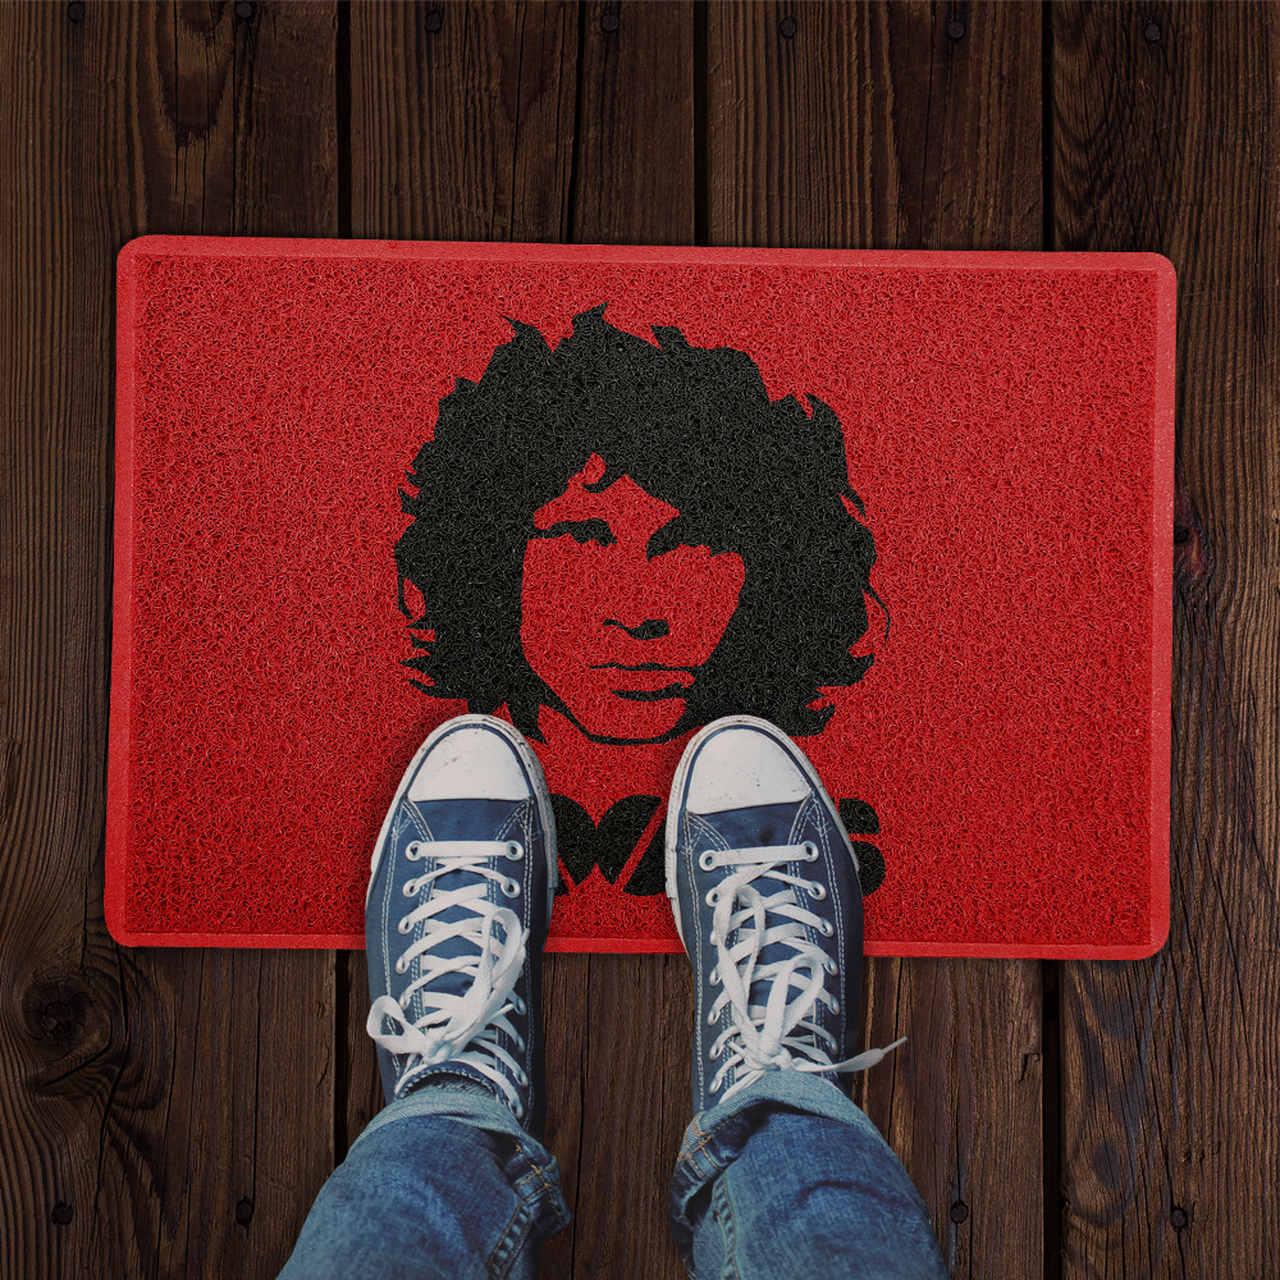 Capacho The Doors Jim Morrison PRESENTE E DECORAÇÃO GEEK